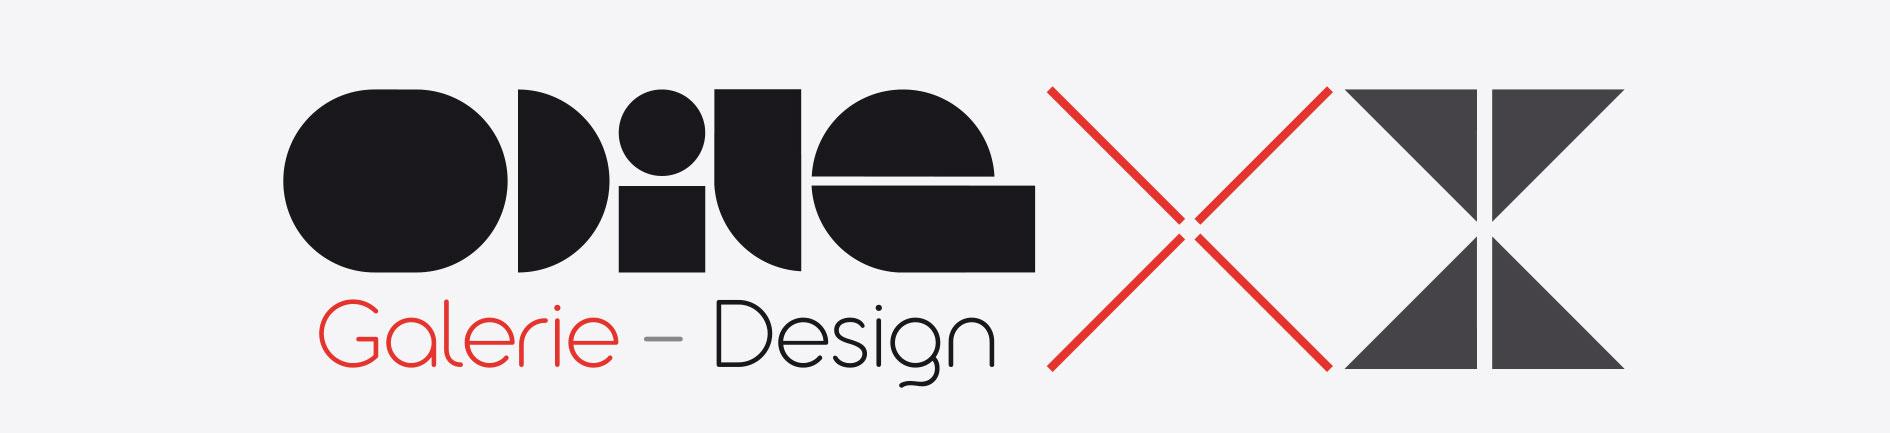 ODILE, Design du XXème siècle